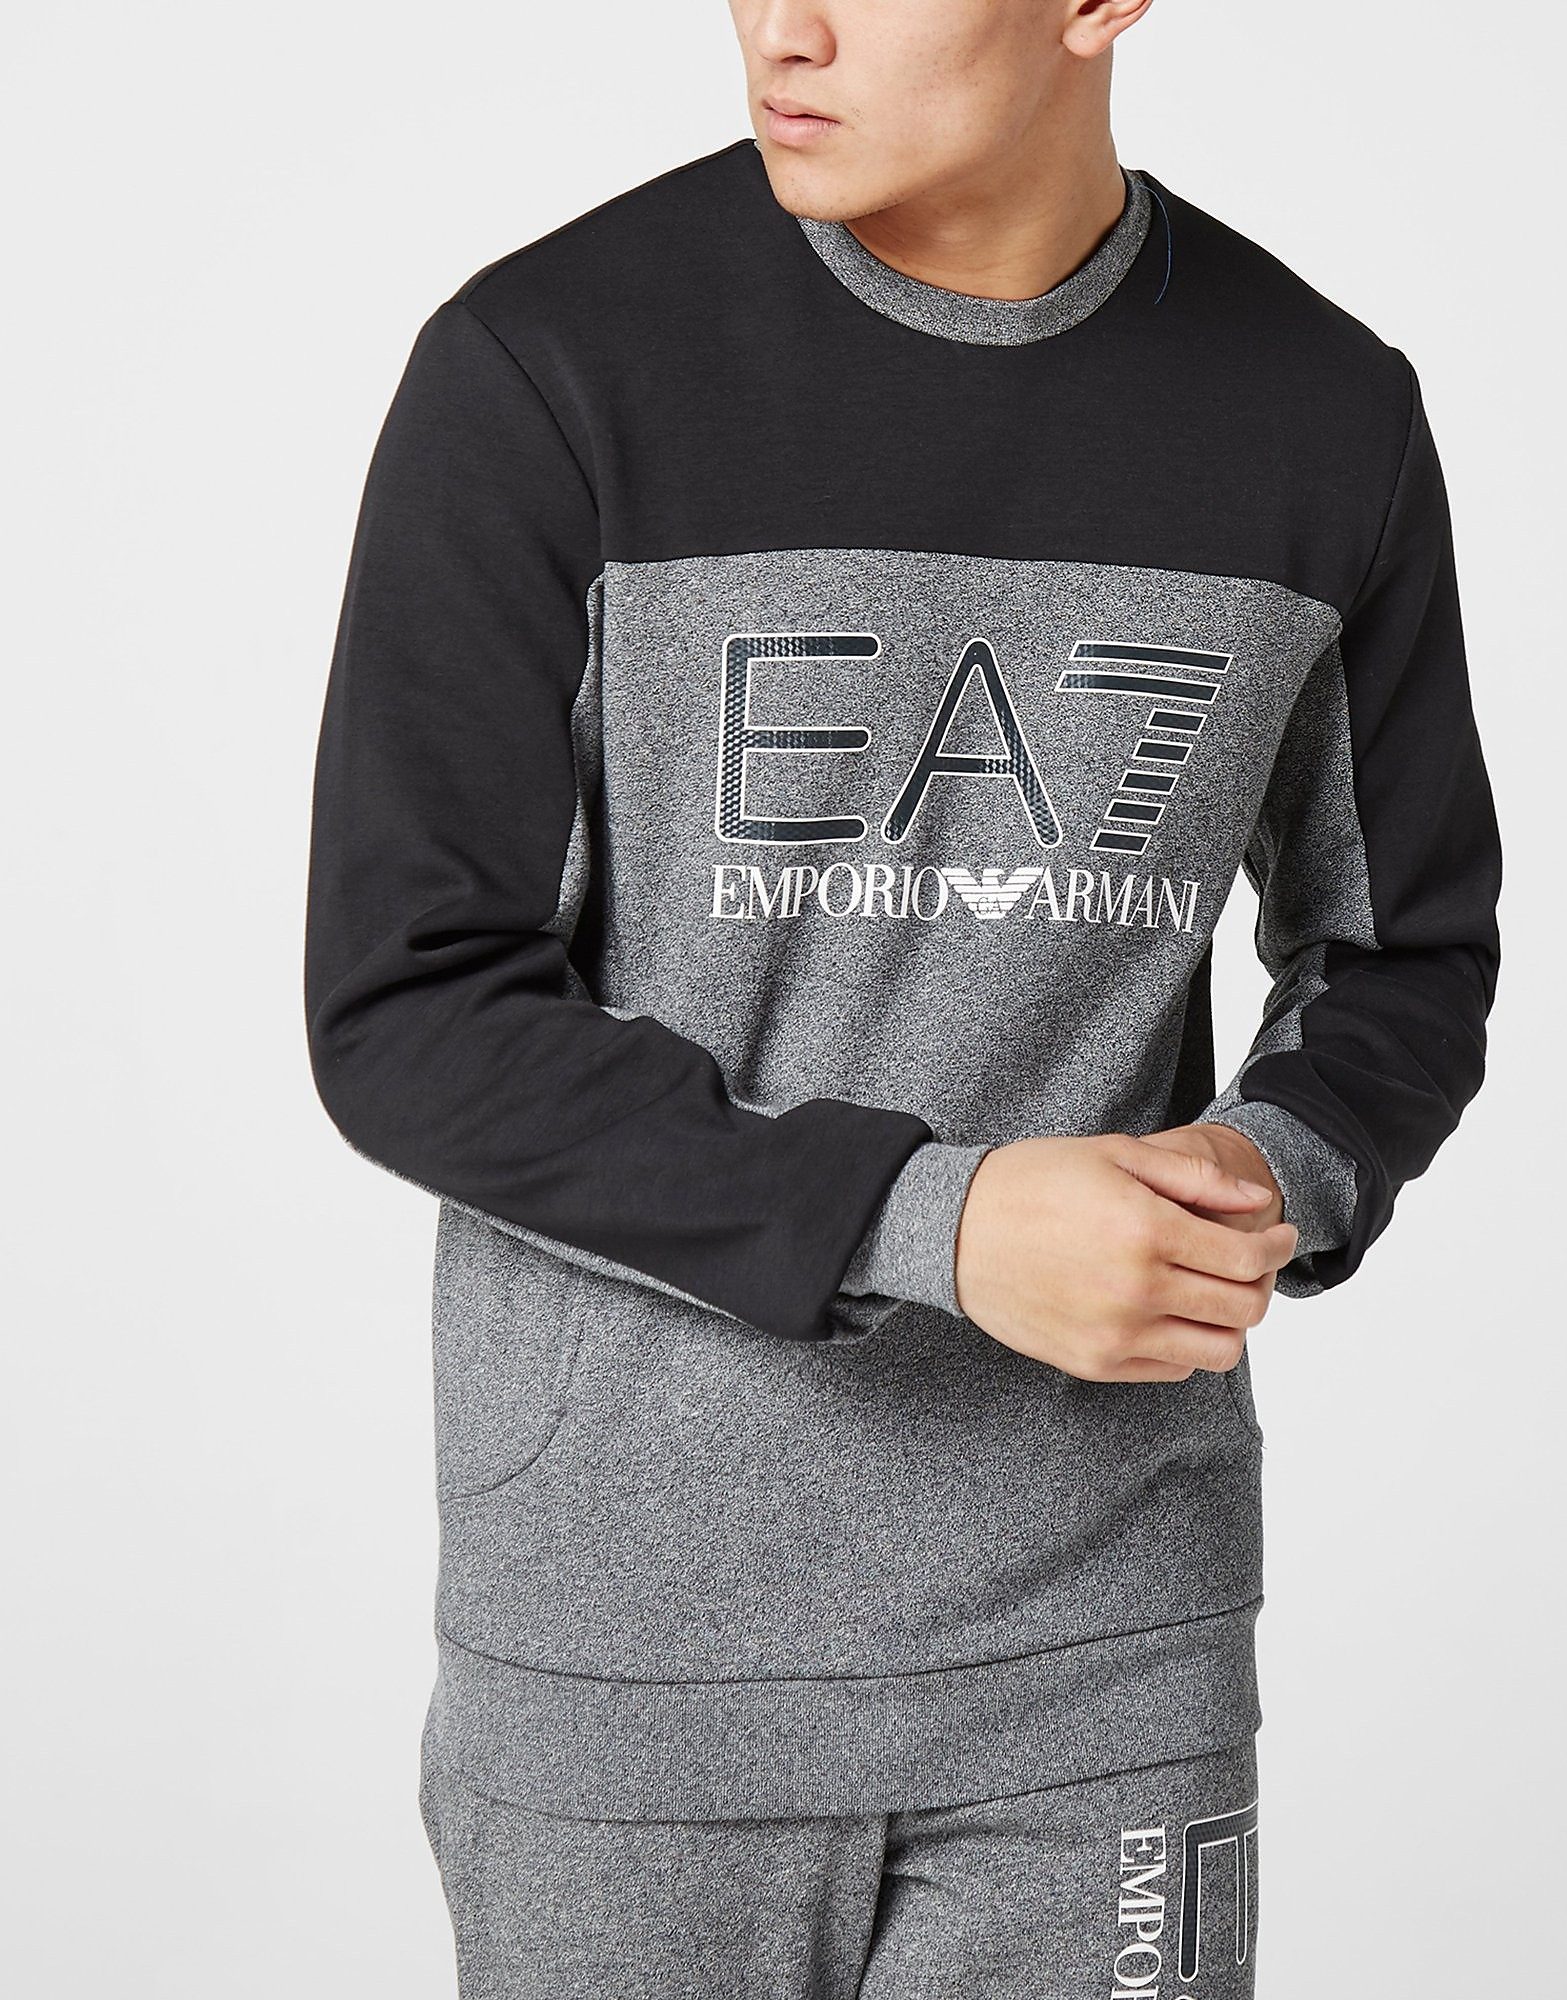 Emporio Armani EA7 Crew Sweatshirt